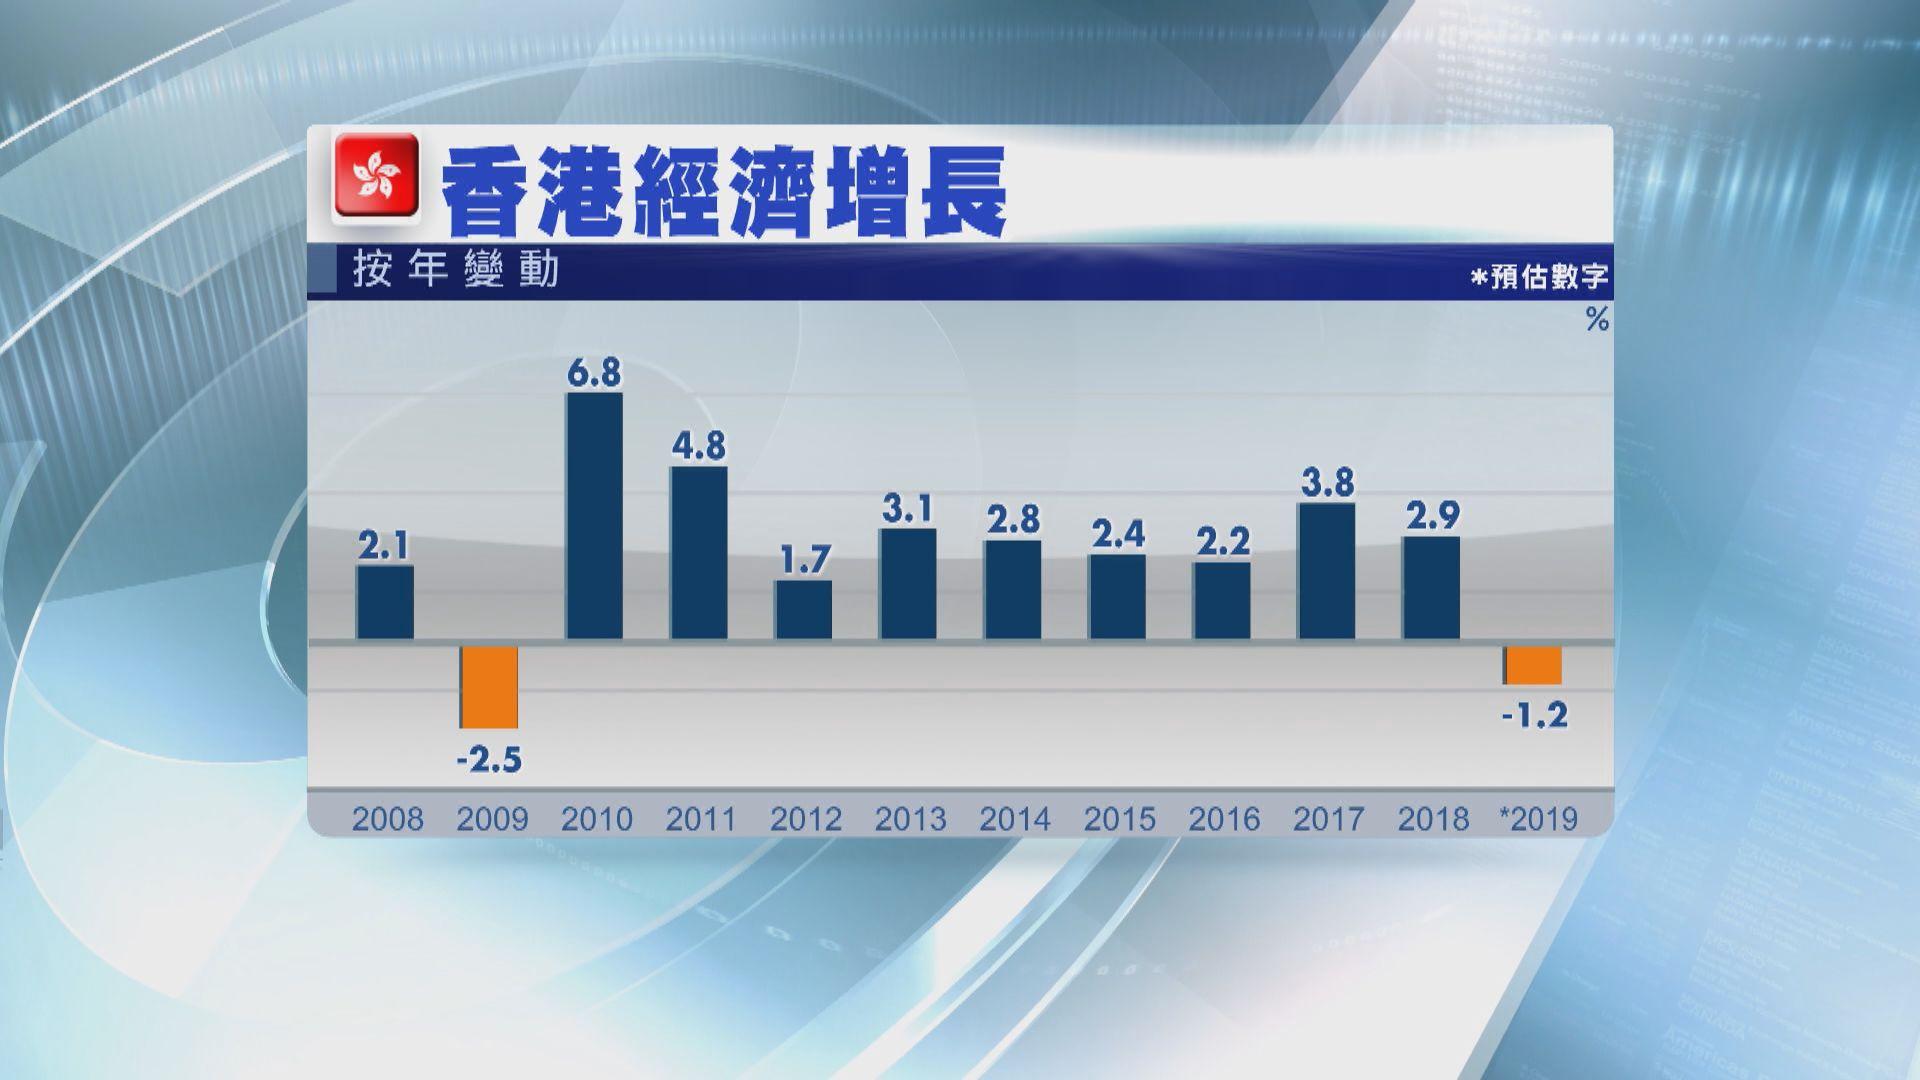 【十年來首次跌】本港去年本地生產總值跌1.2%